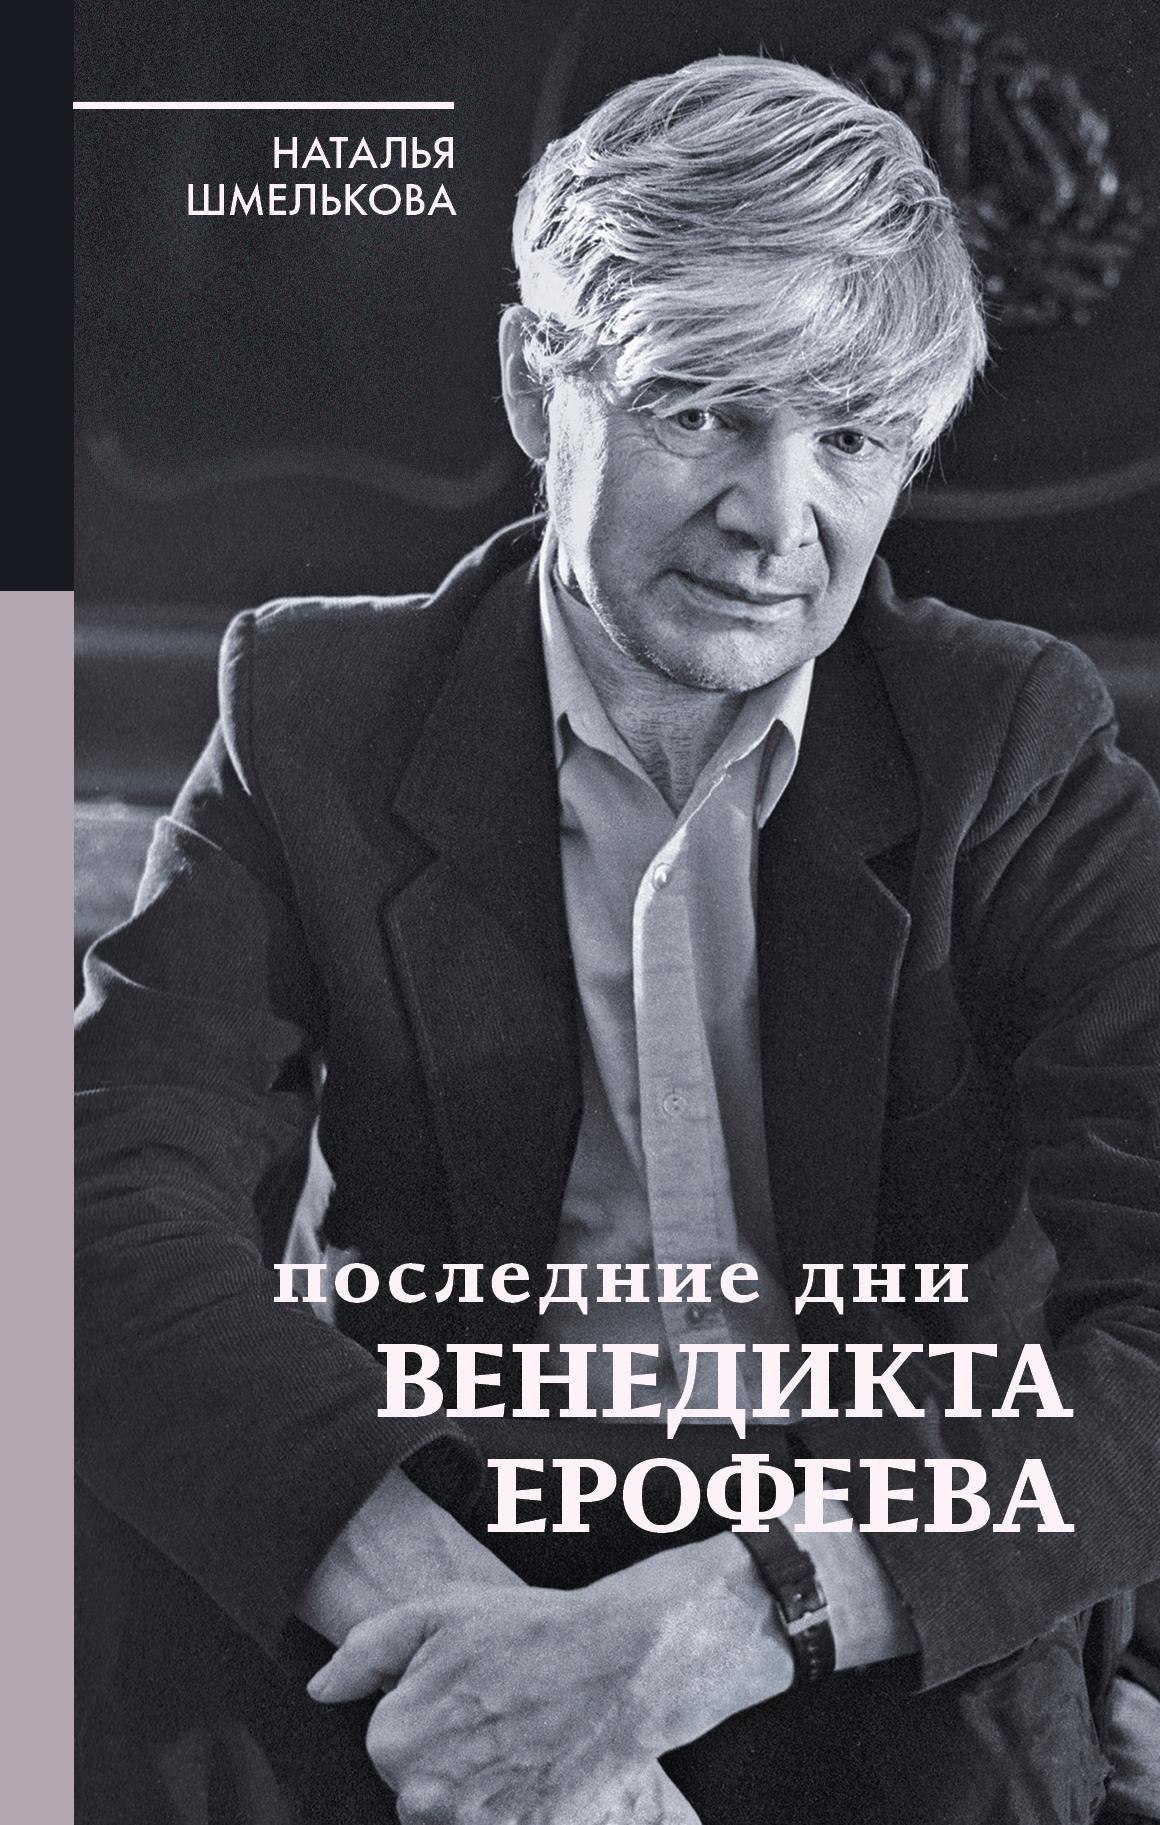 Шмелькова Н.А. Последние дни Венедикта Ерофеева цена и фото